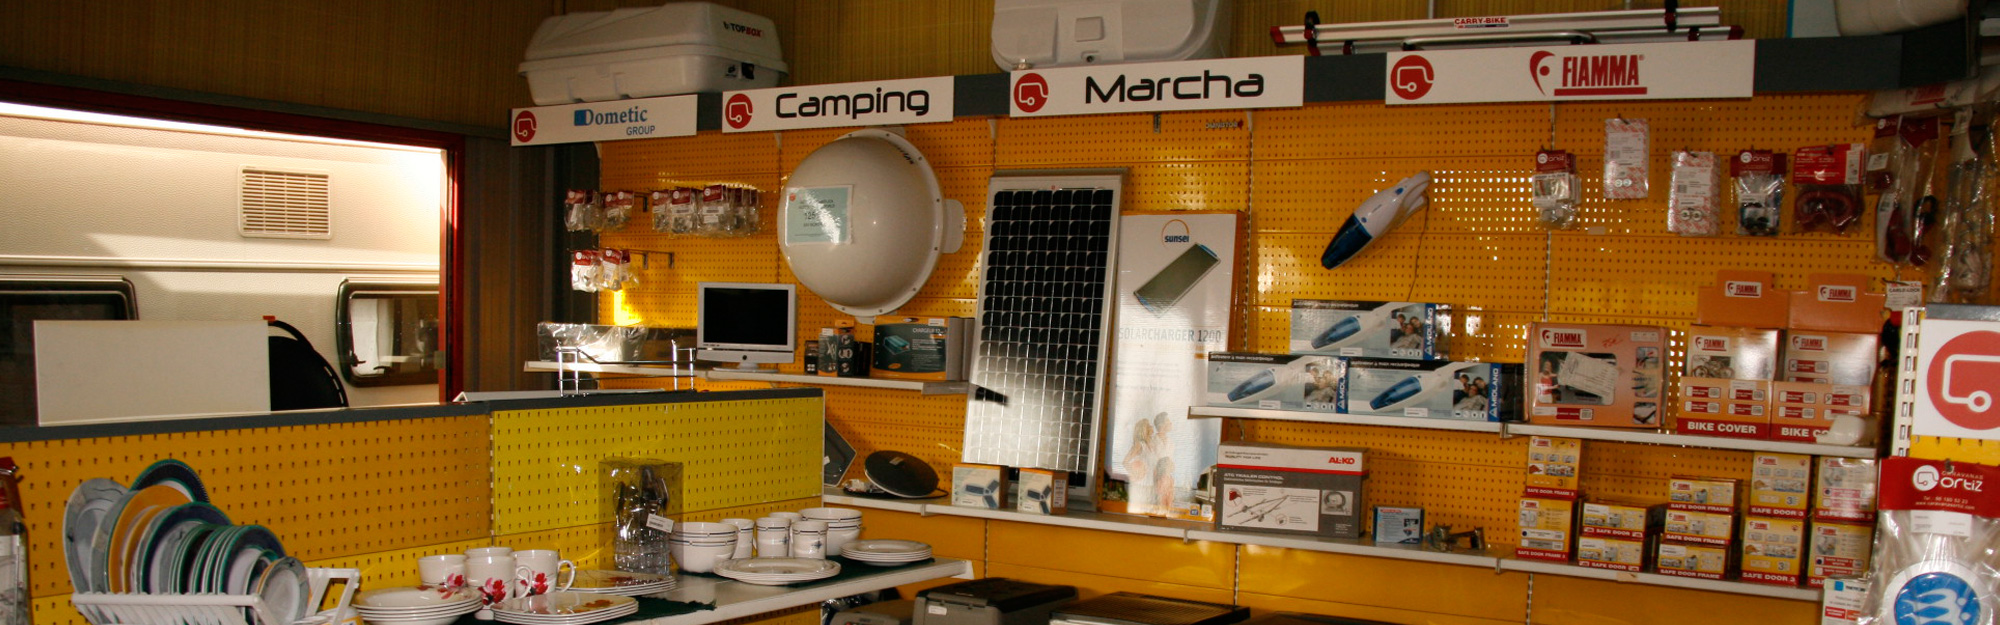 Aspiradoras, antenas, vajillas en la tienda